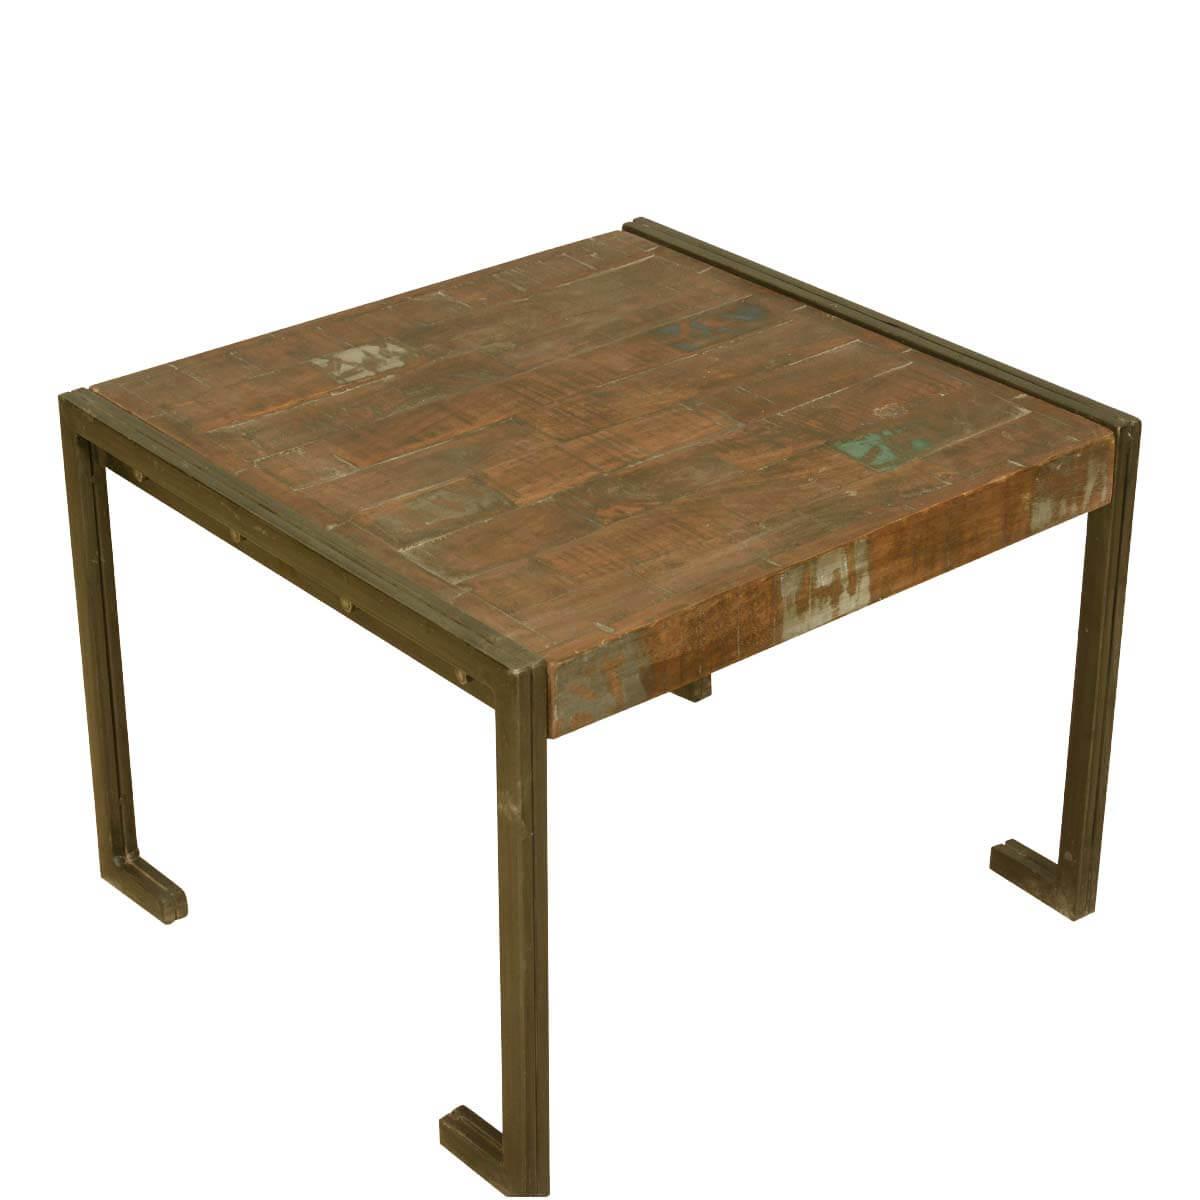 drakensberg old reclaimed wood metal frame industrial rustic end table. Black Bedroom Furniture Sets. Home Design Ideas